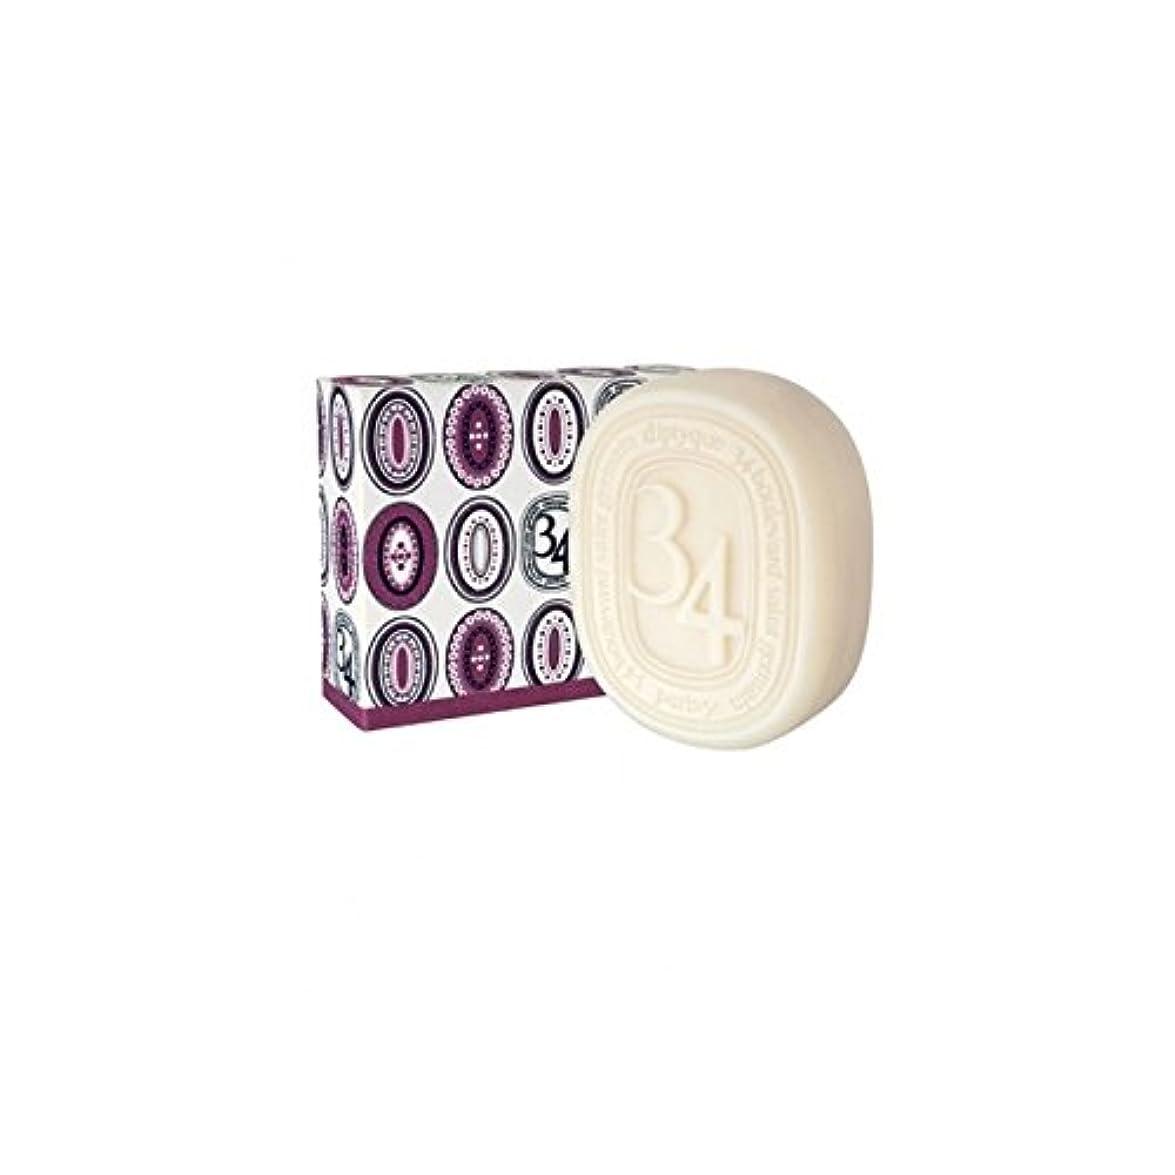 改善危機従者Diptyqueコレクション34大通りサンジェルマン石鹸100グラム - Diptyque Collection 34 Boulevard Saint Germain Soap 100g (Diptyque) [並行輸入品]